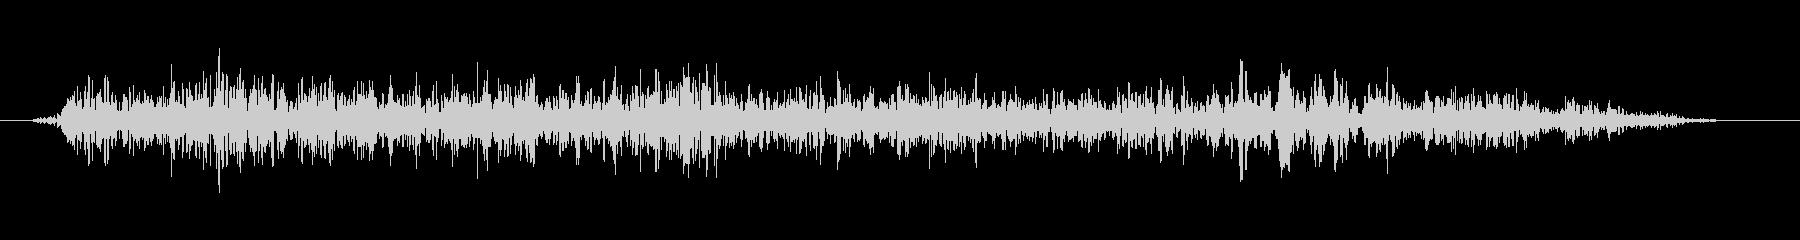 中世 ゲートストーンミディアムオー...の未再生の波形